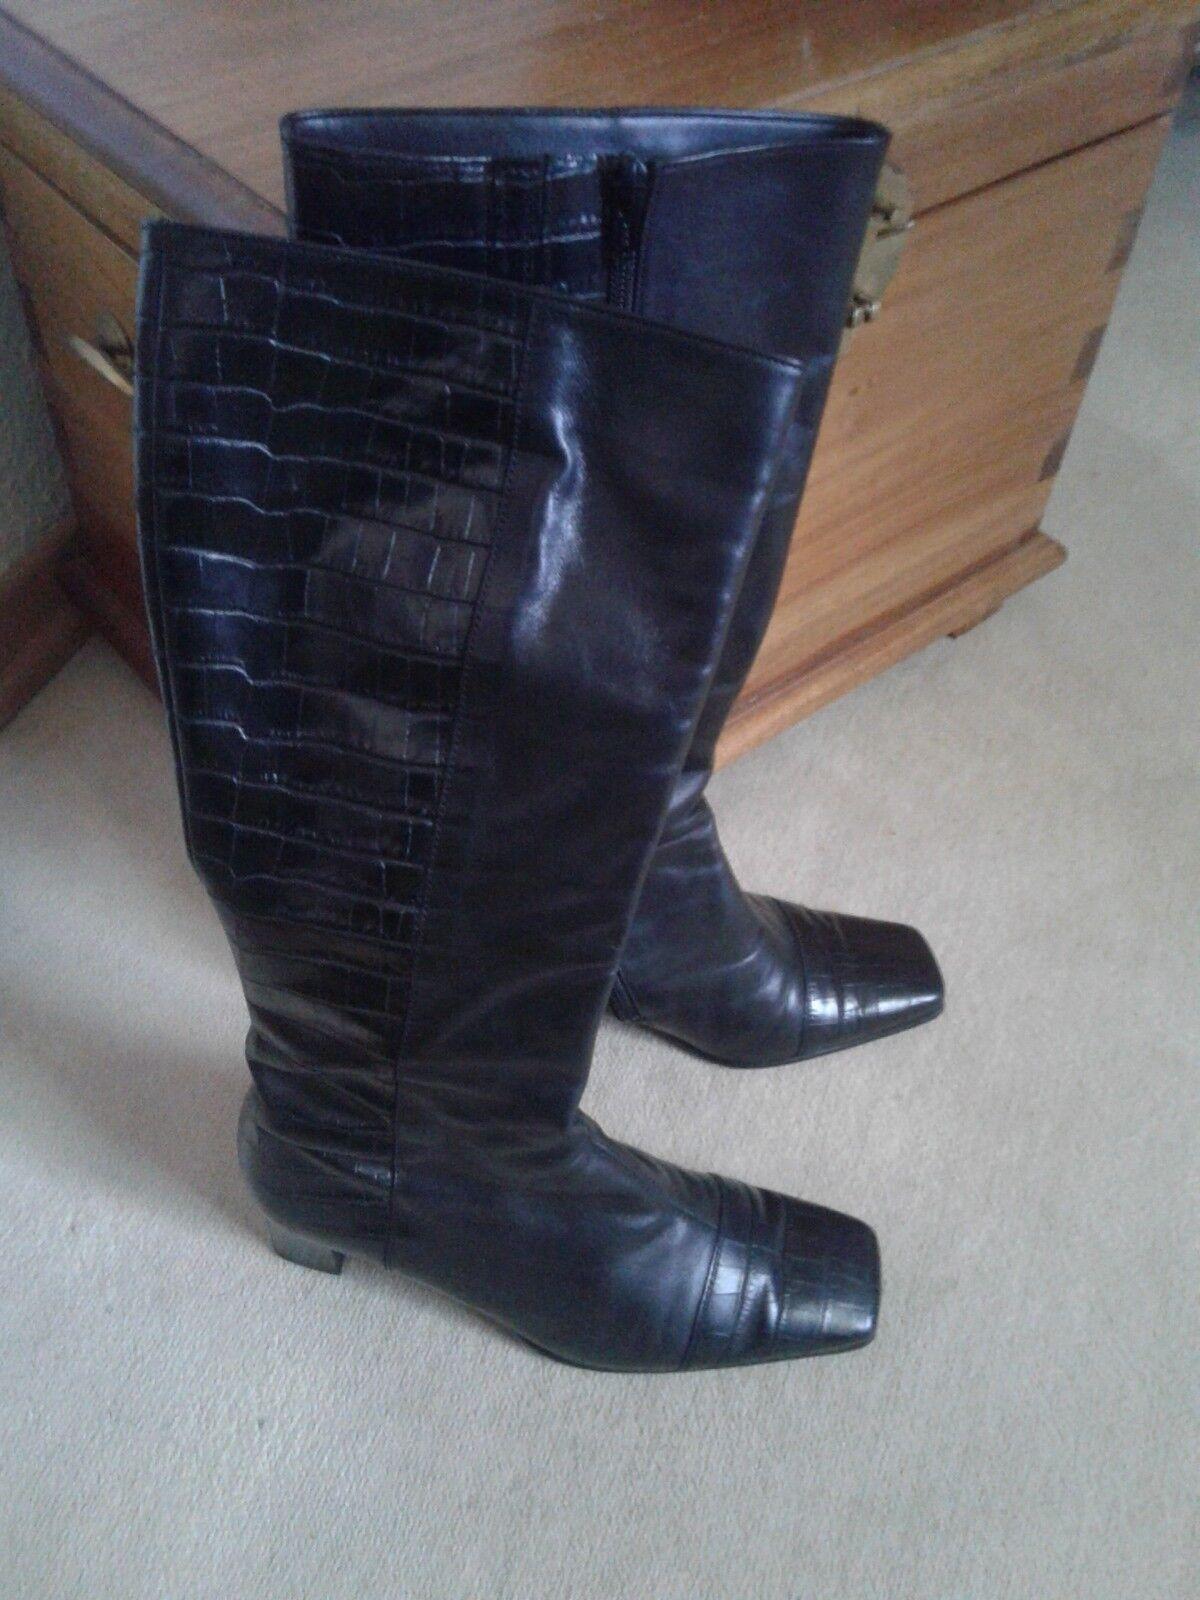 Gabor Stiefel stiefelette 4,5 schwarz 37,5 Neuwertig krokoprägung TOP